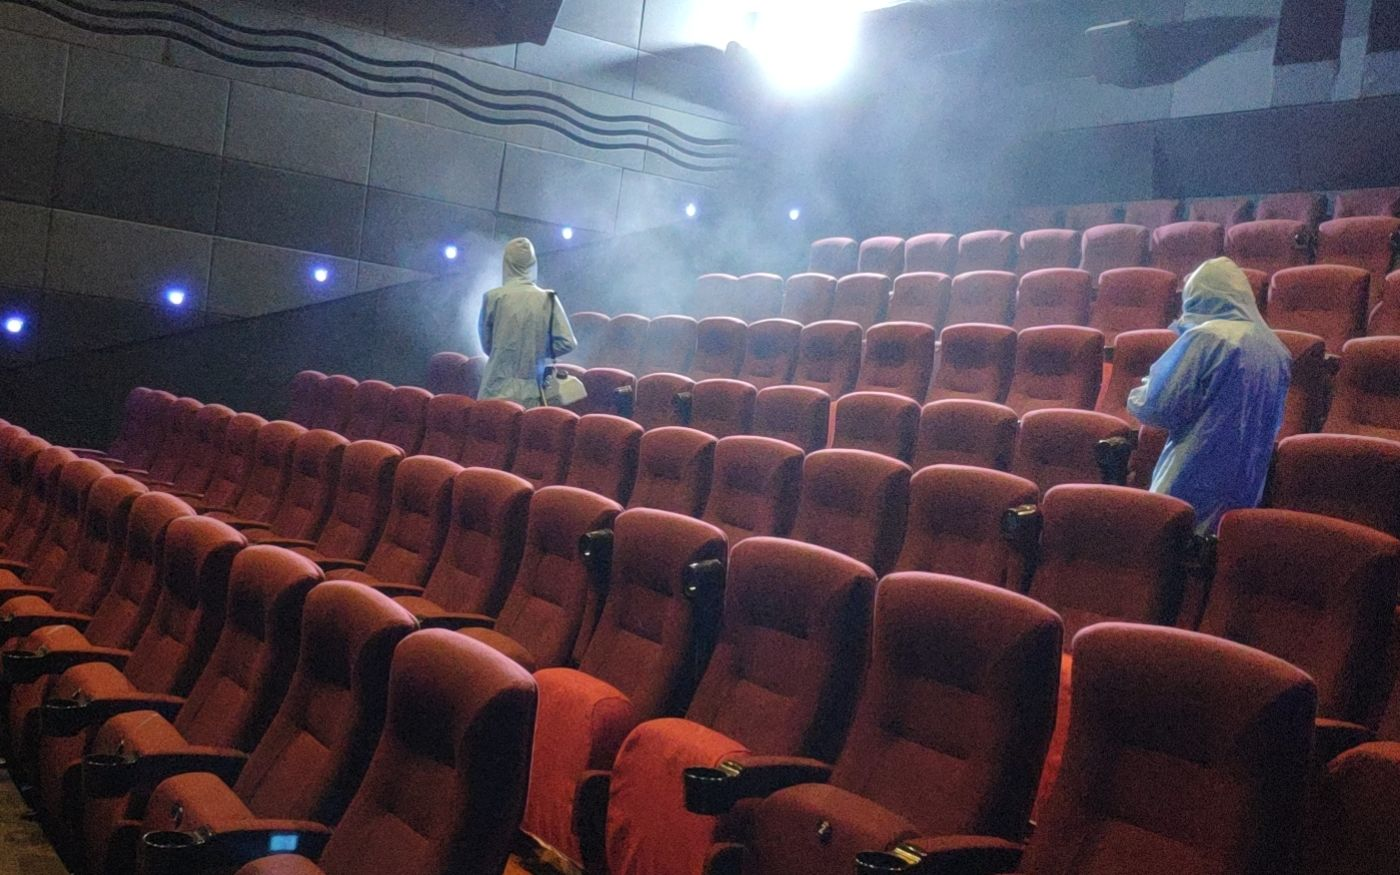 影院复工首周:5000余家影院让利 96%票价低于去年均线